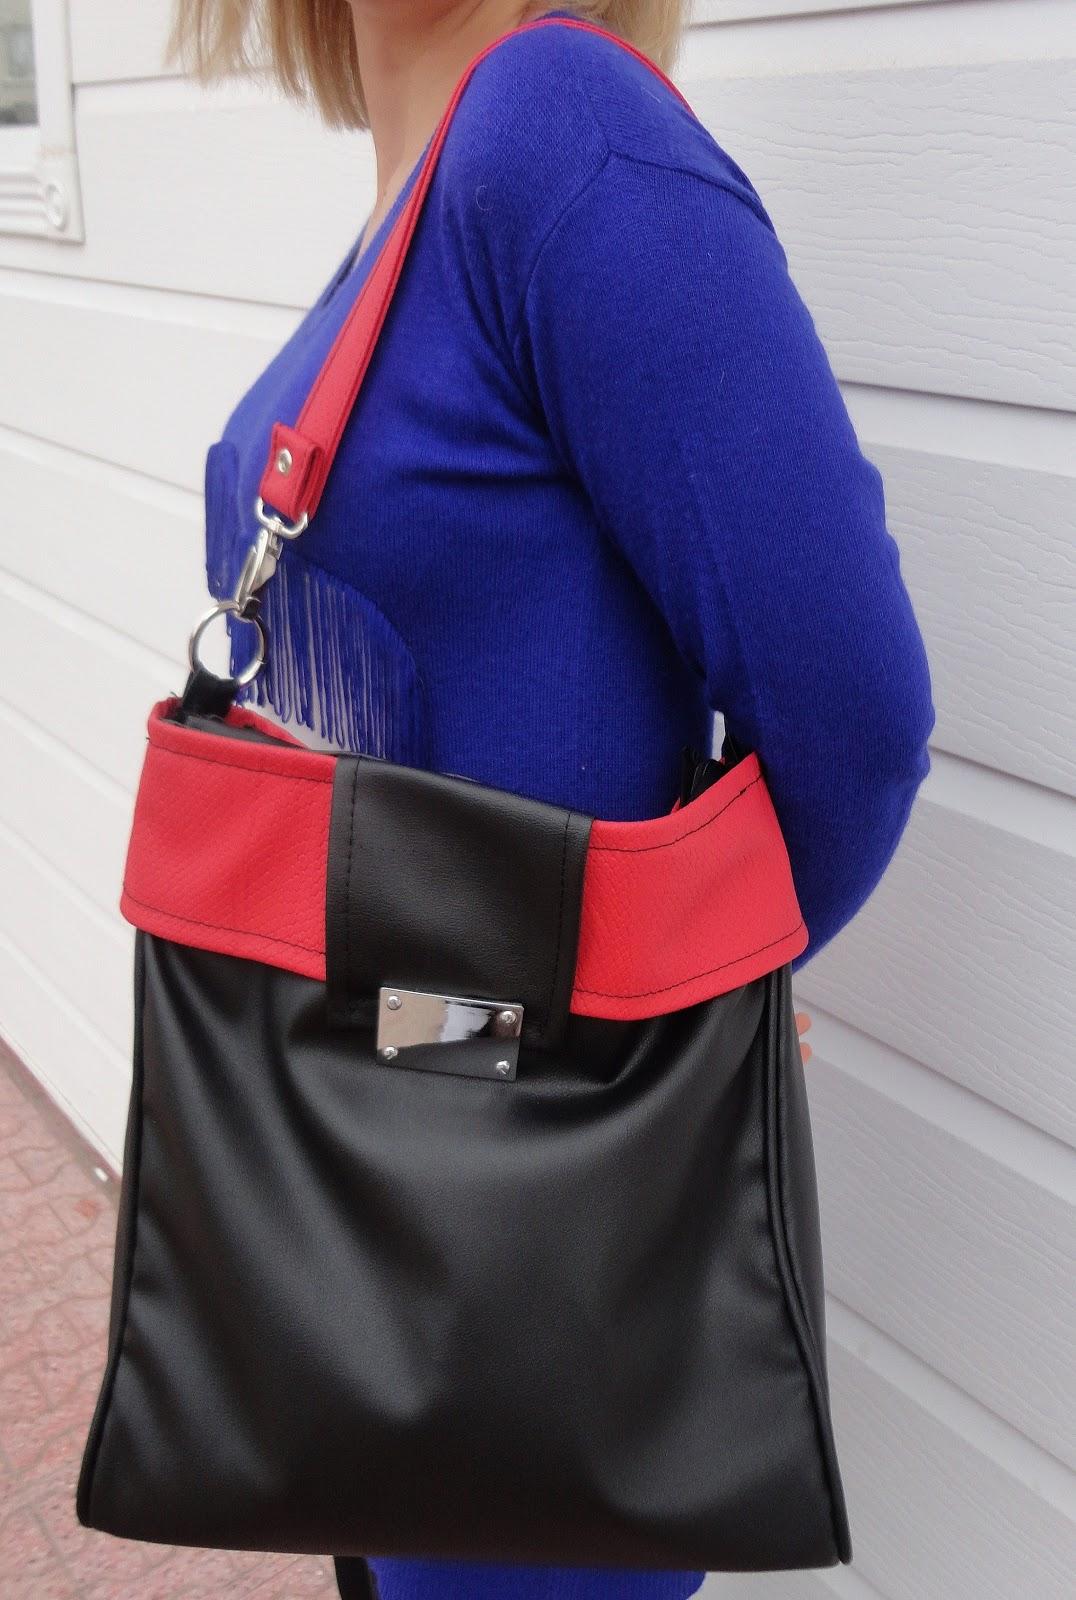 c22c47b80e778 Kırmızı Siyah Deri Çanta Dikimi